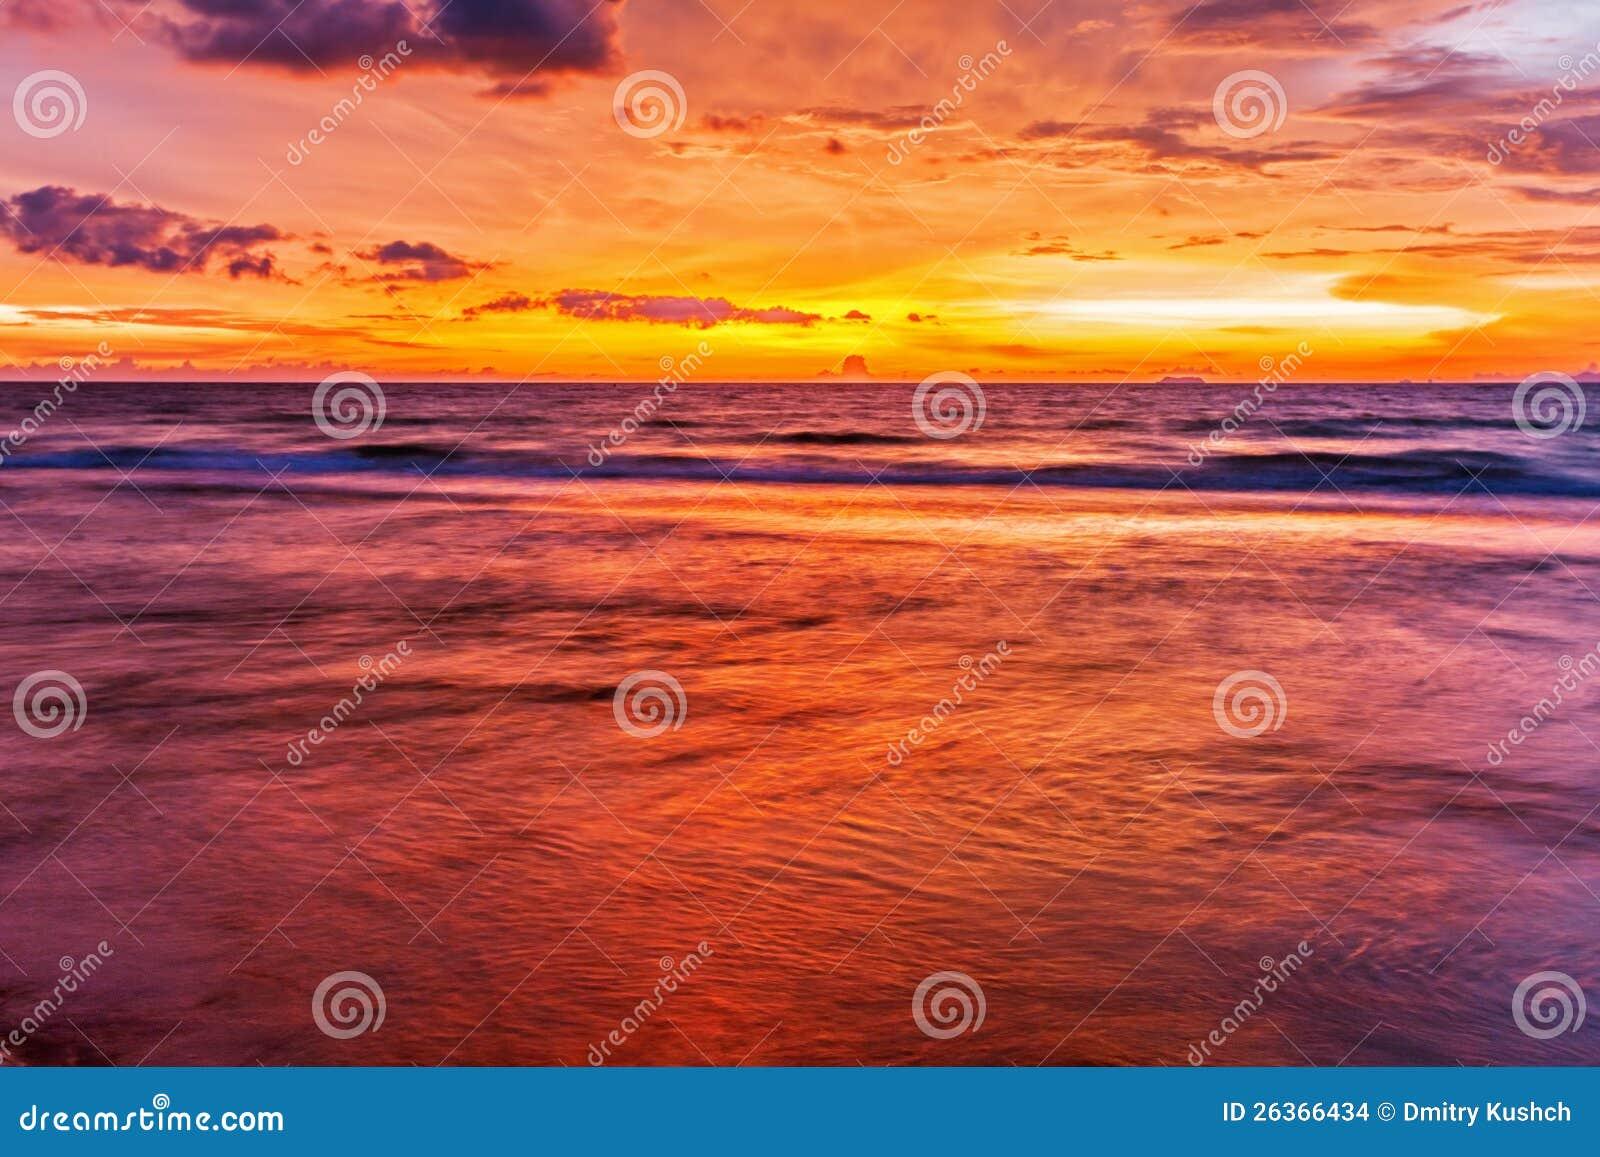 Przy zmierzchem tropikalna plaża.